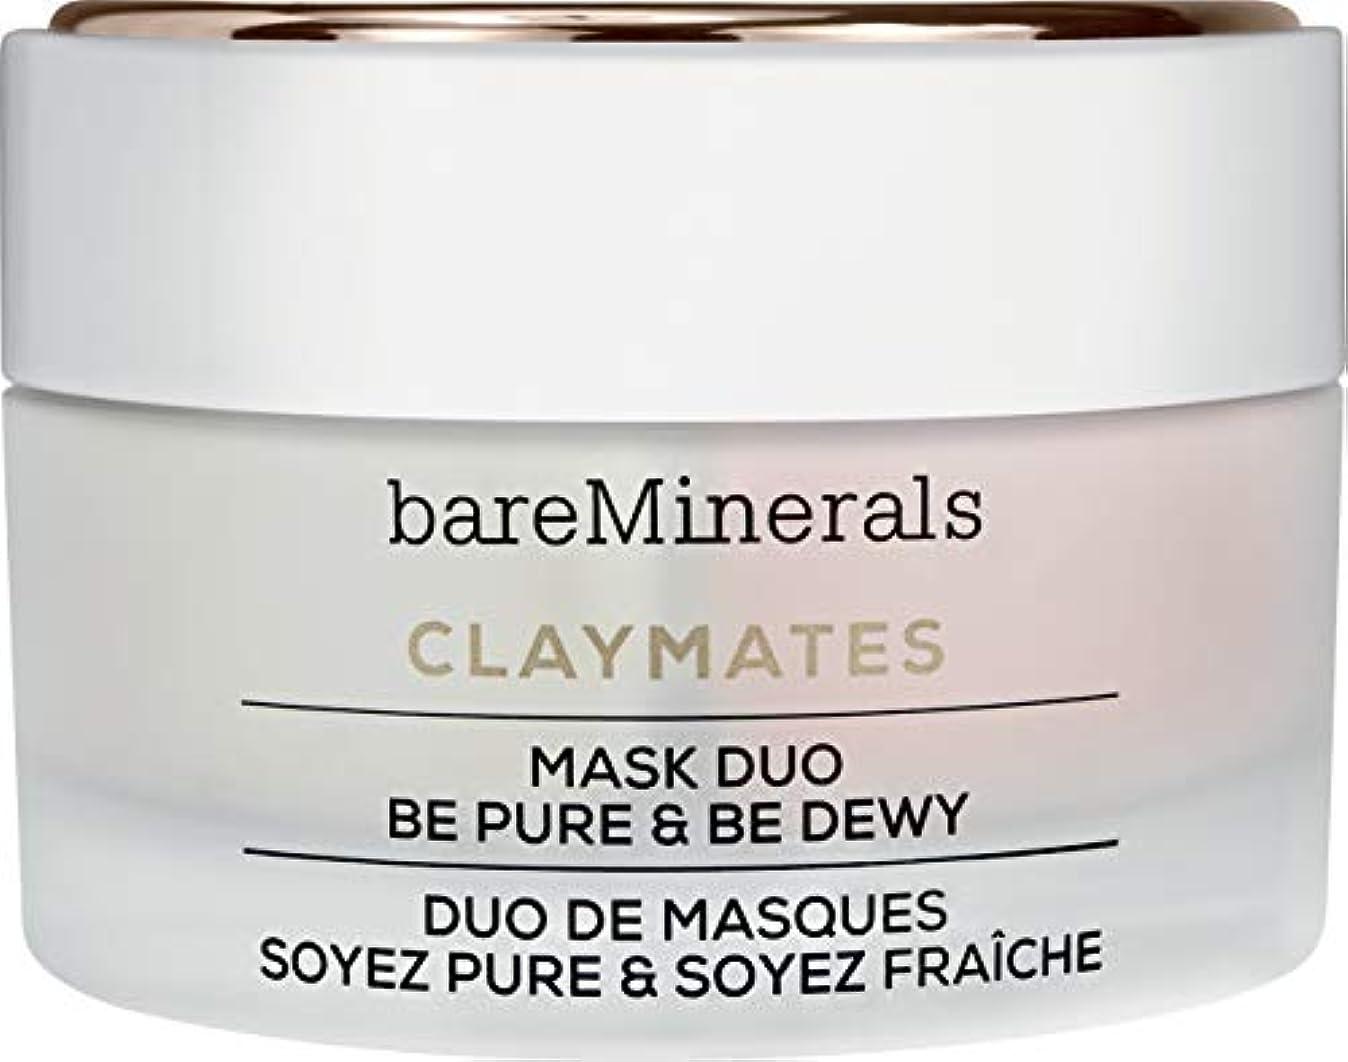 葉を集めるフォルダ剥離ベアミネラル Claymates Be Pure & Be Dewy Mask Duo 58g/2.04oz並行輸入品